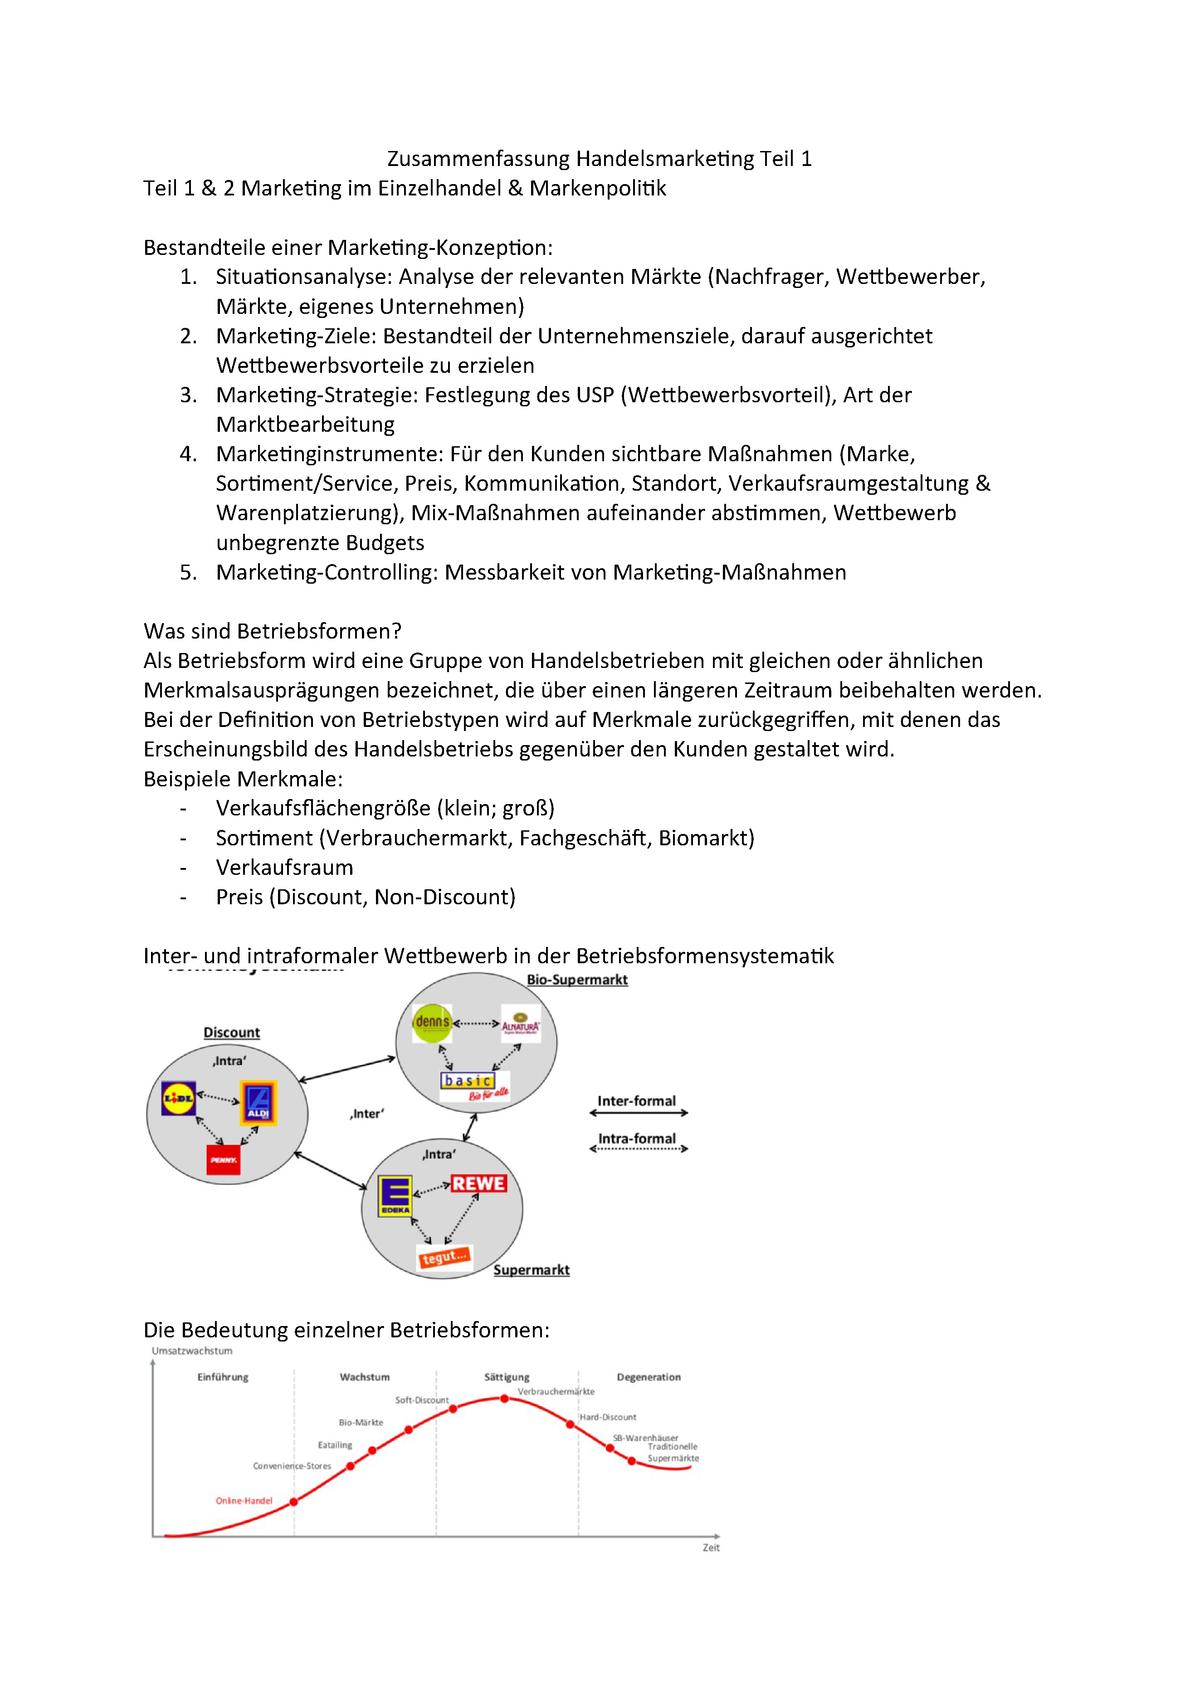 Zusammenfassung Handelsmarketing Grundlagen Bwl Studocu